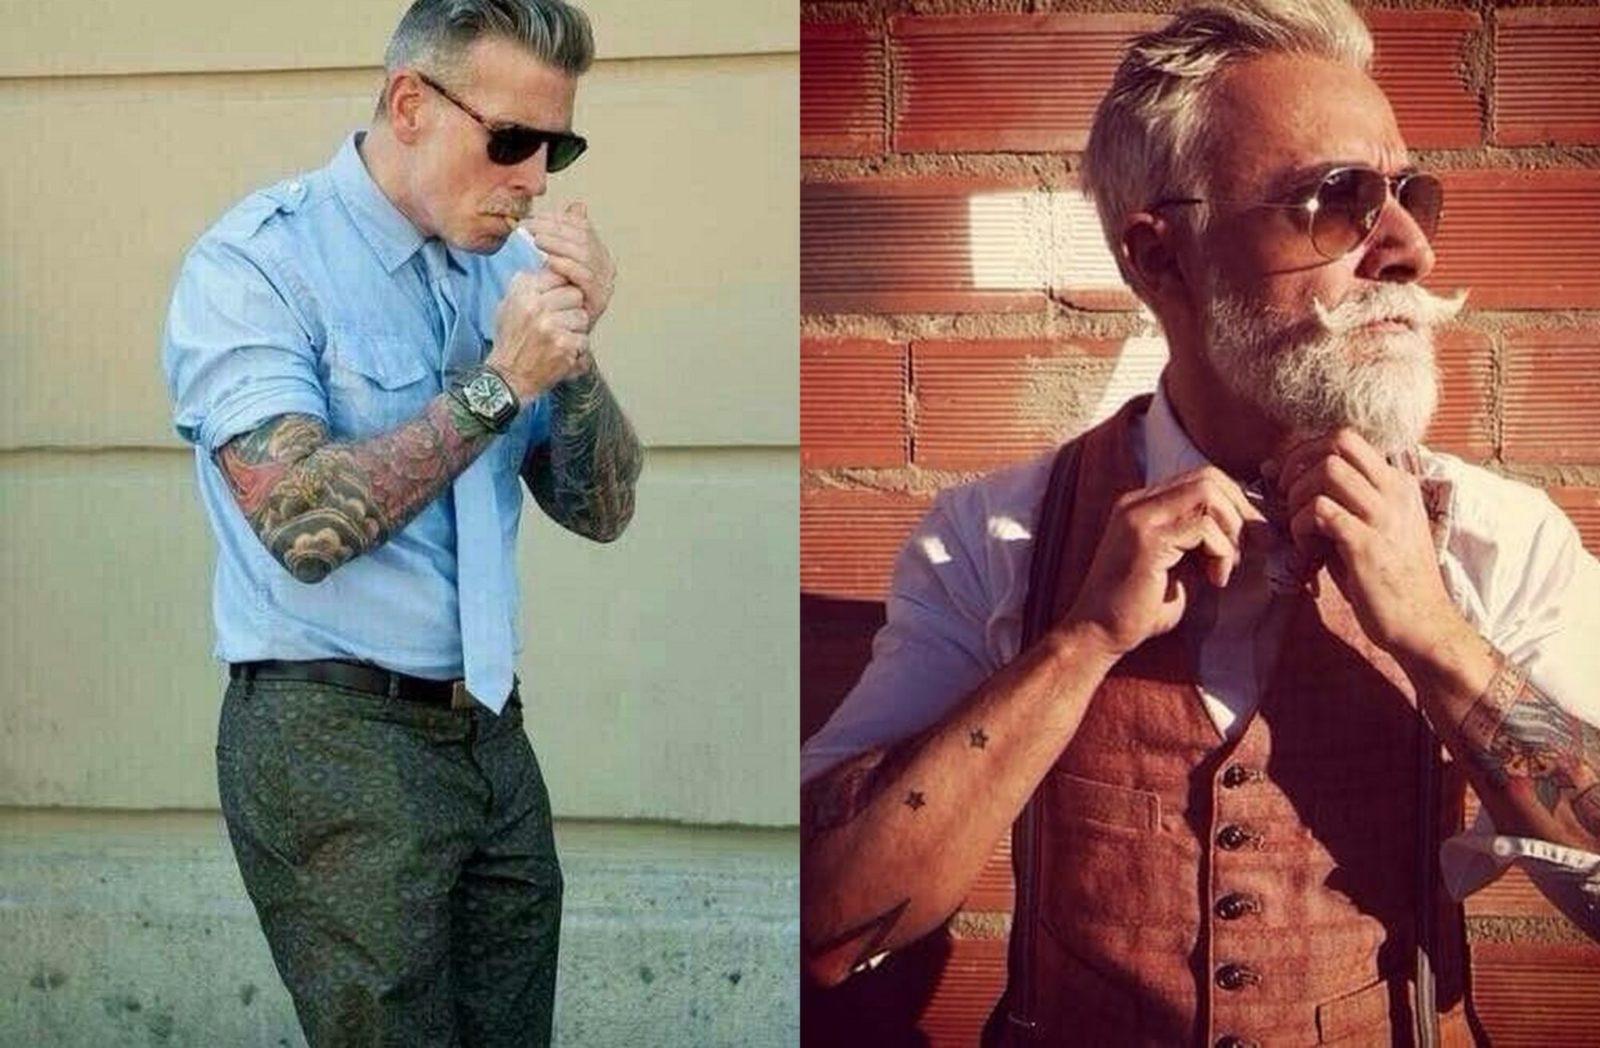 Starszy mężczyna z kamizelce i koszuli z tatuażami na prawym przedramieniu i Starszy mężczyzna w spodniach od garnituru i koszuli z wytatuowanymi przedramionami